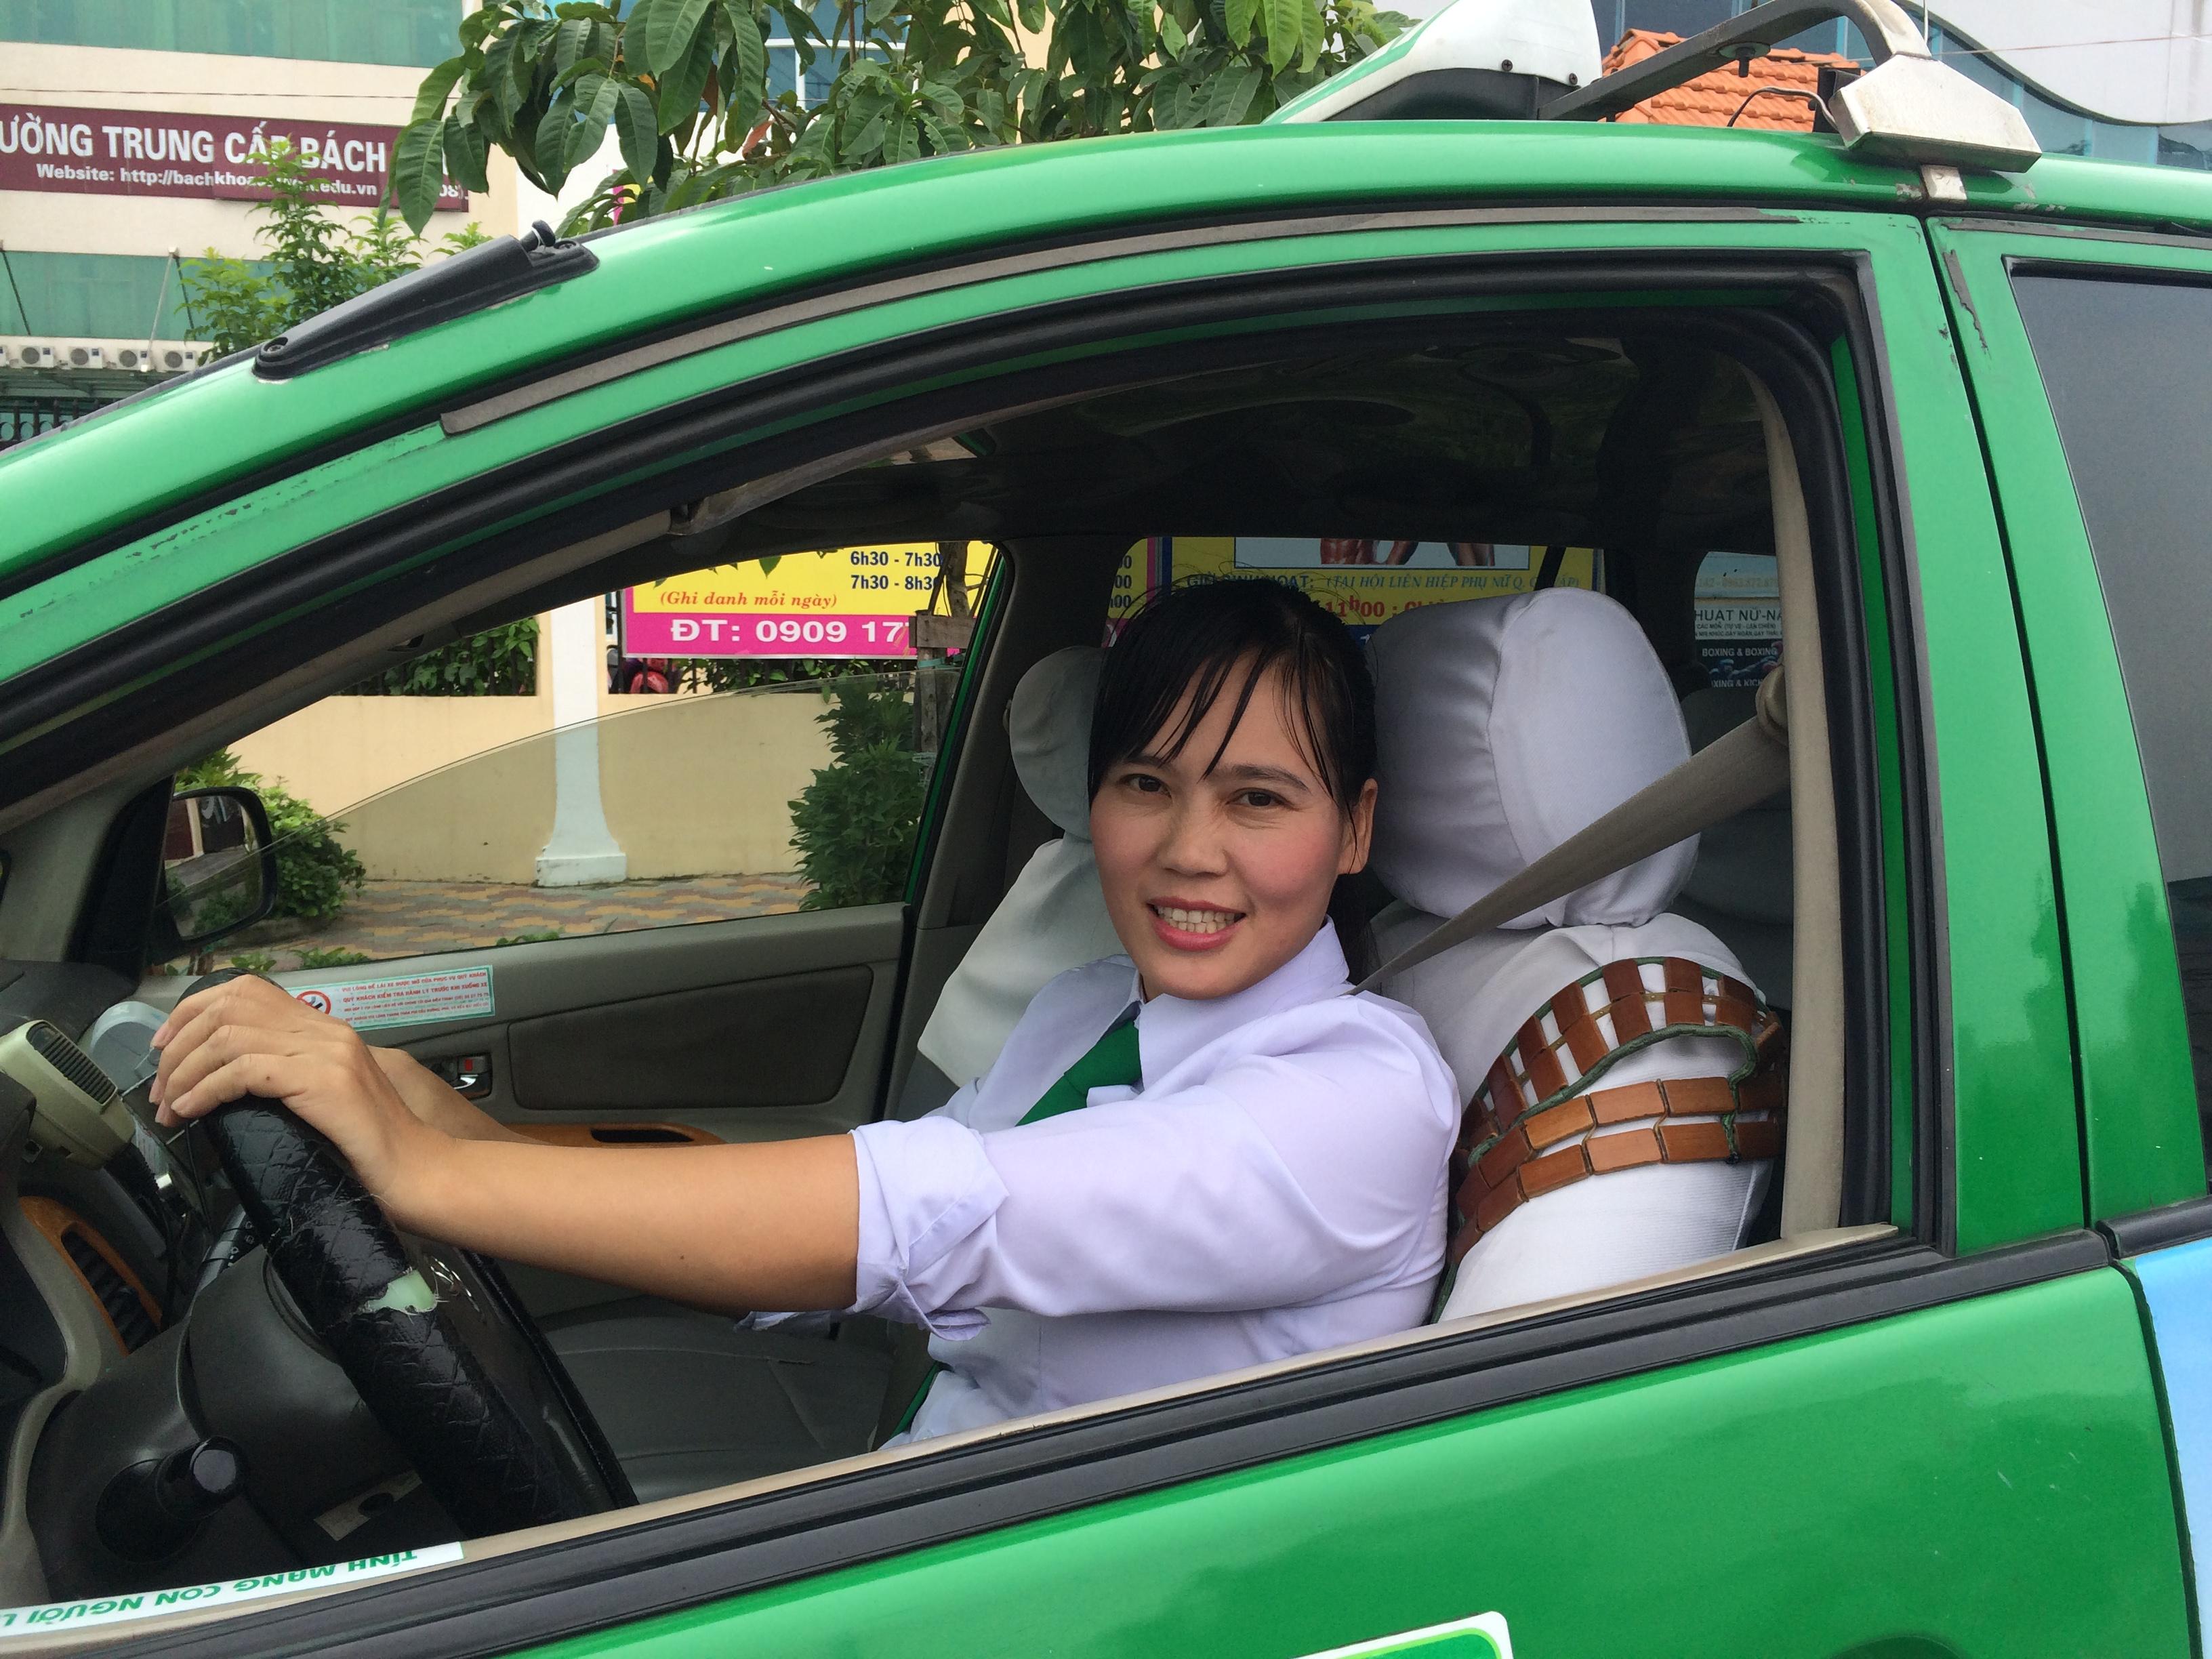 ... Mai Linh có những chính sách \u201cĐẶC BIỆT\u201d ưu đãi cho các lái xe. Đừng chần chừ, hãy đăng ký ngay để trở thành thành viên của Gia Đình Mai Linh.